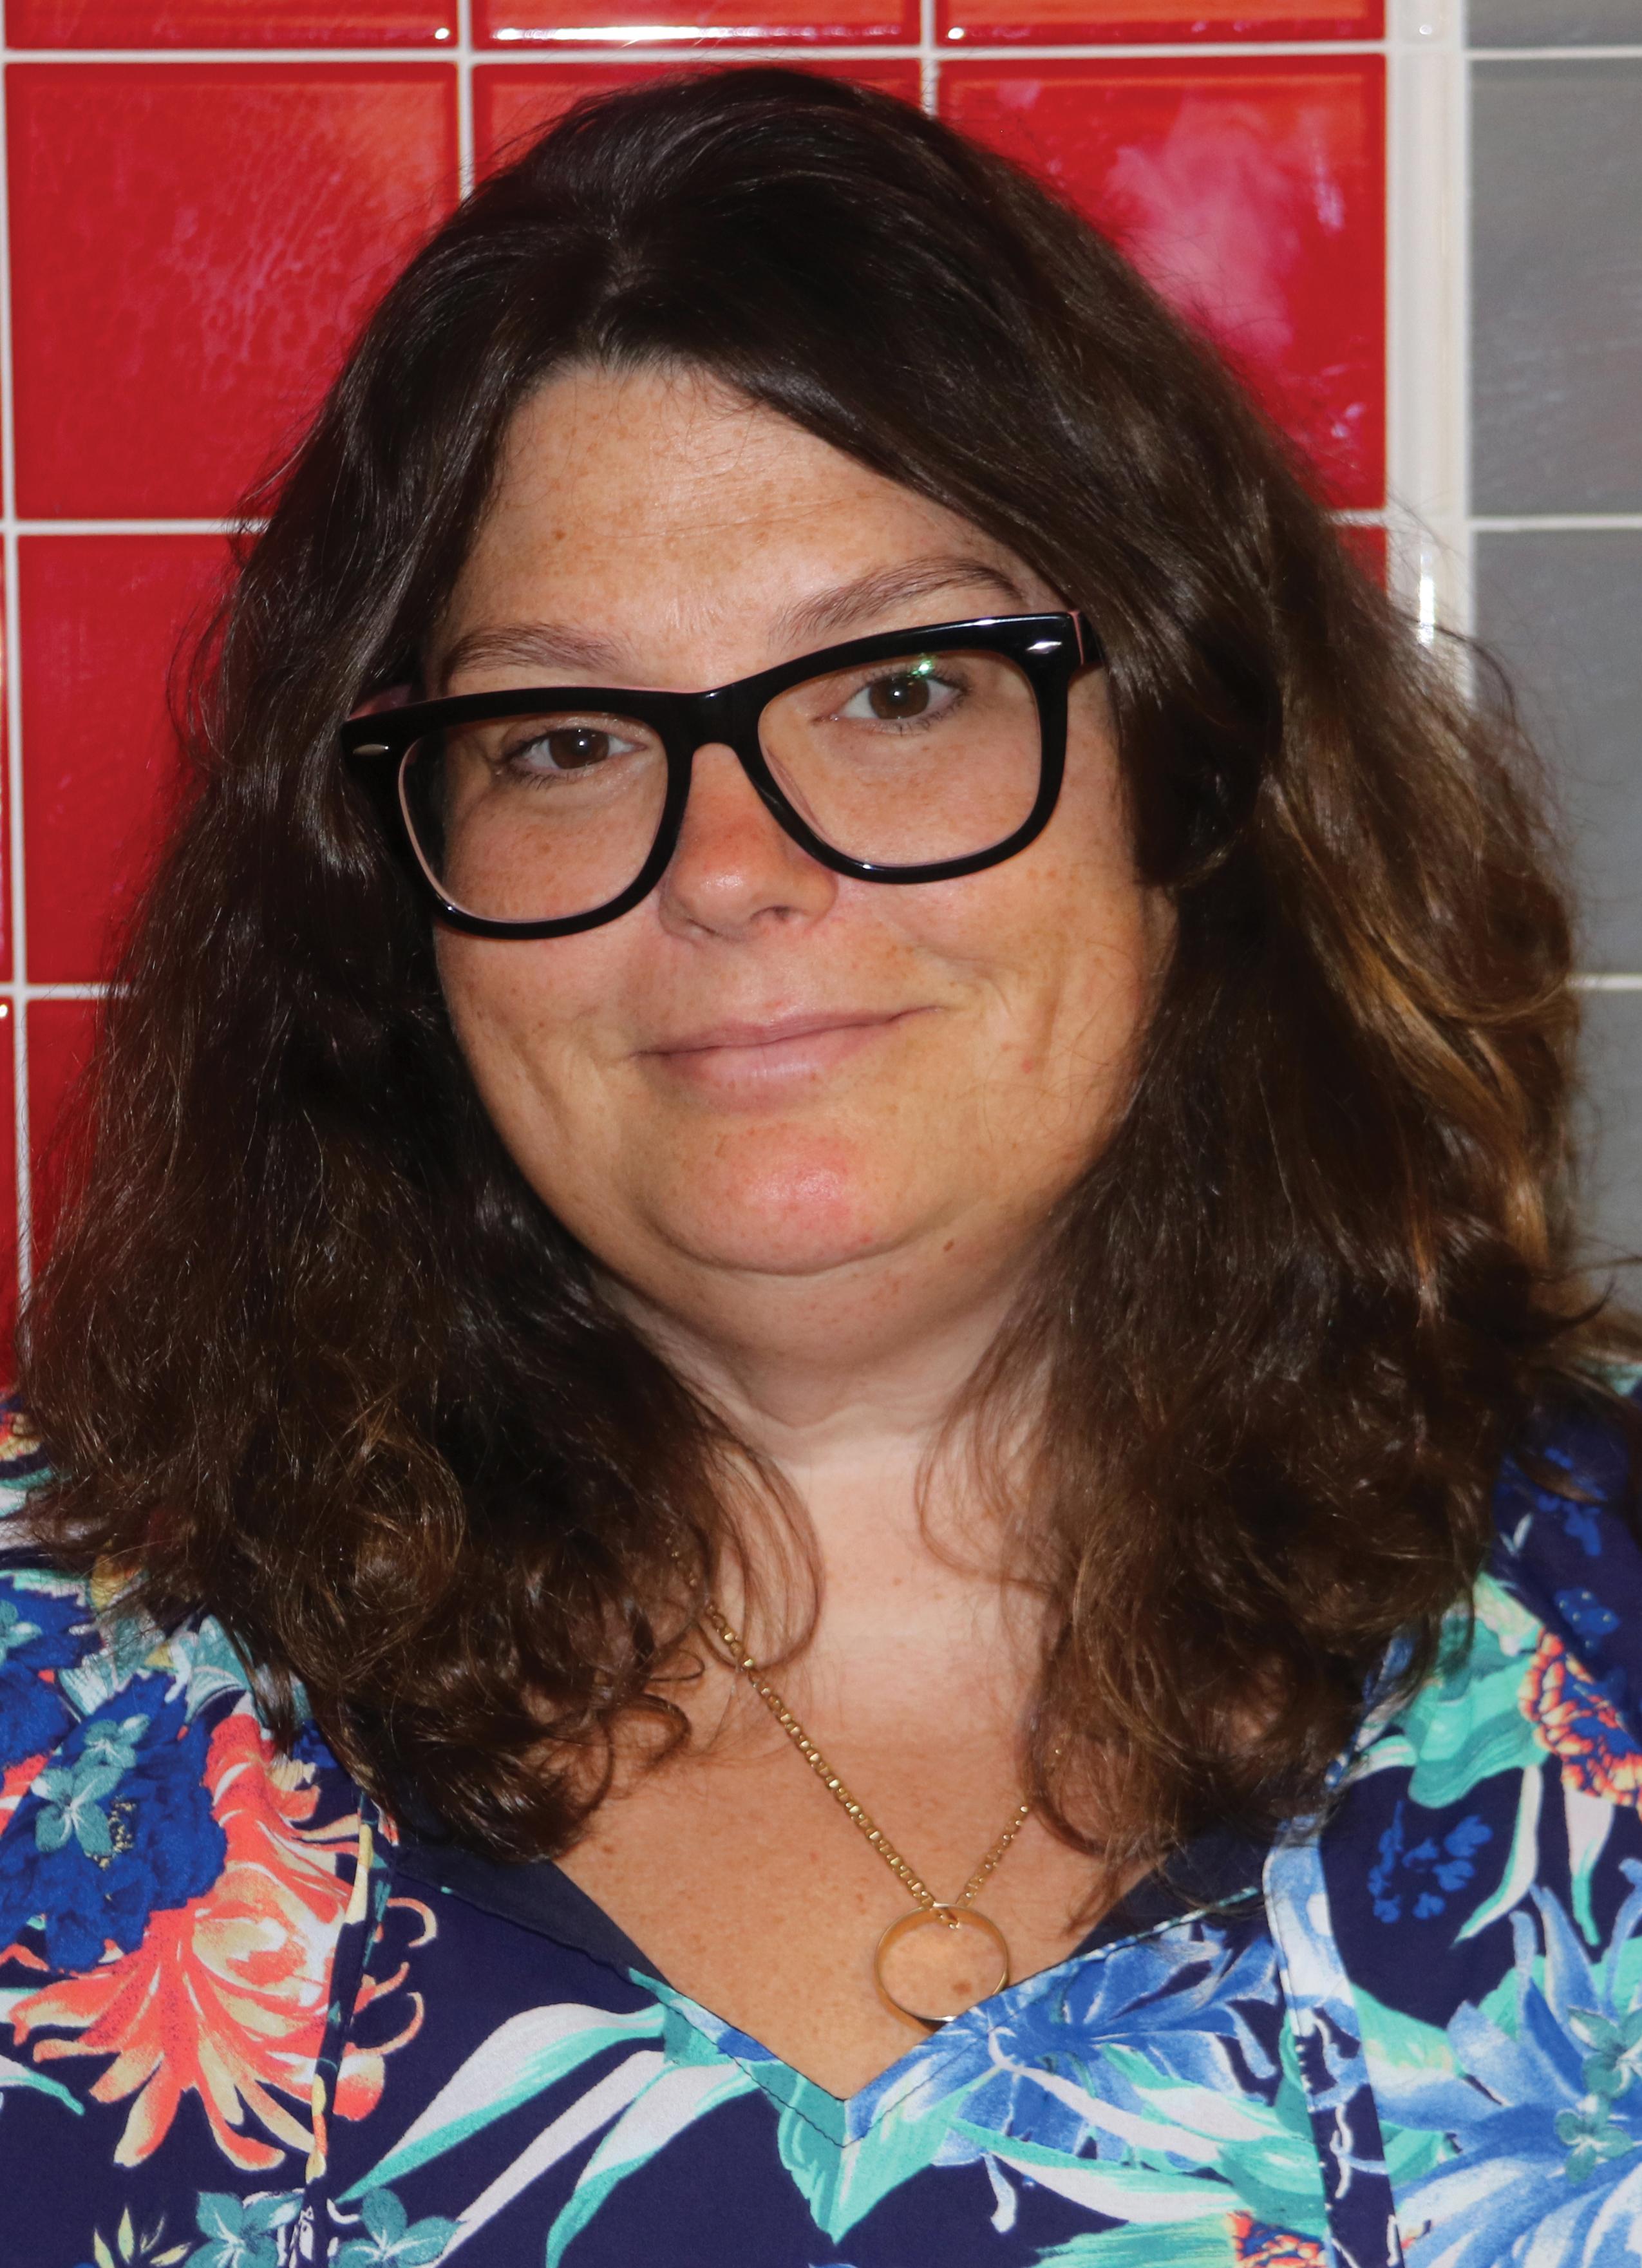 Tara Whittaker